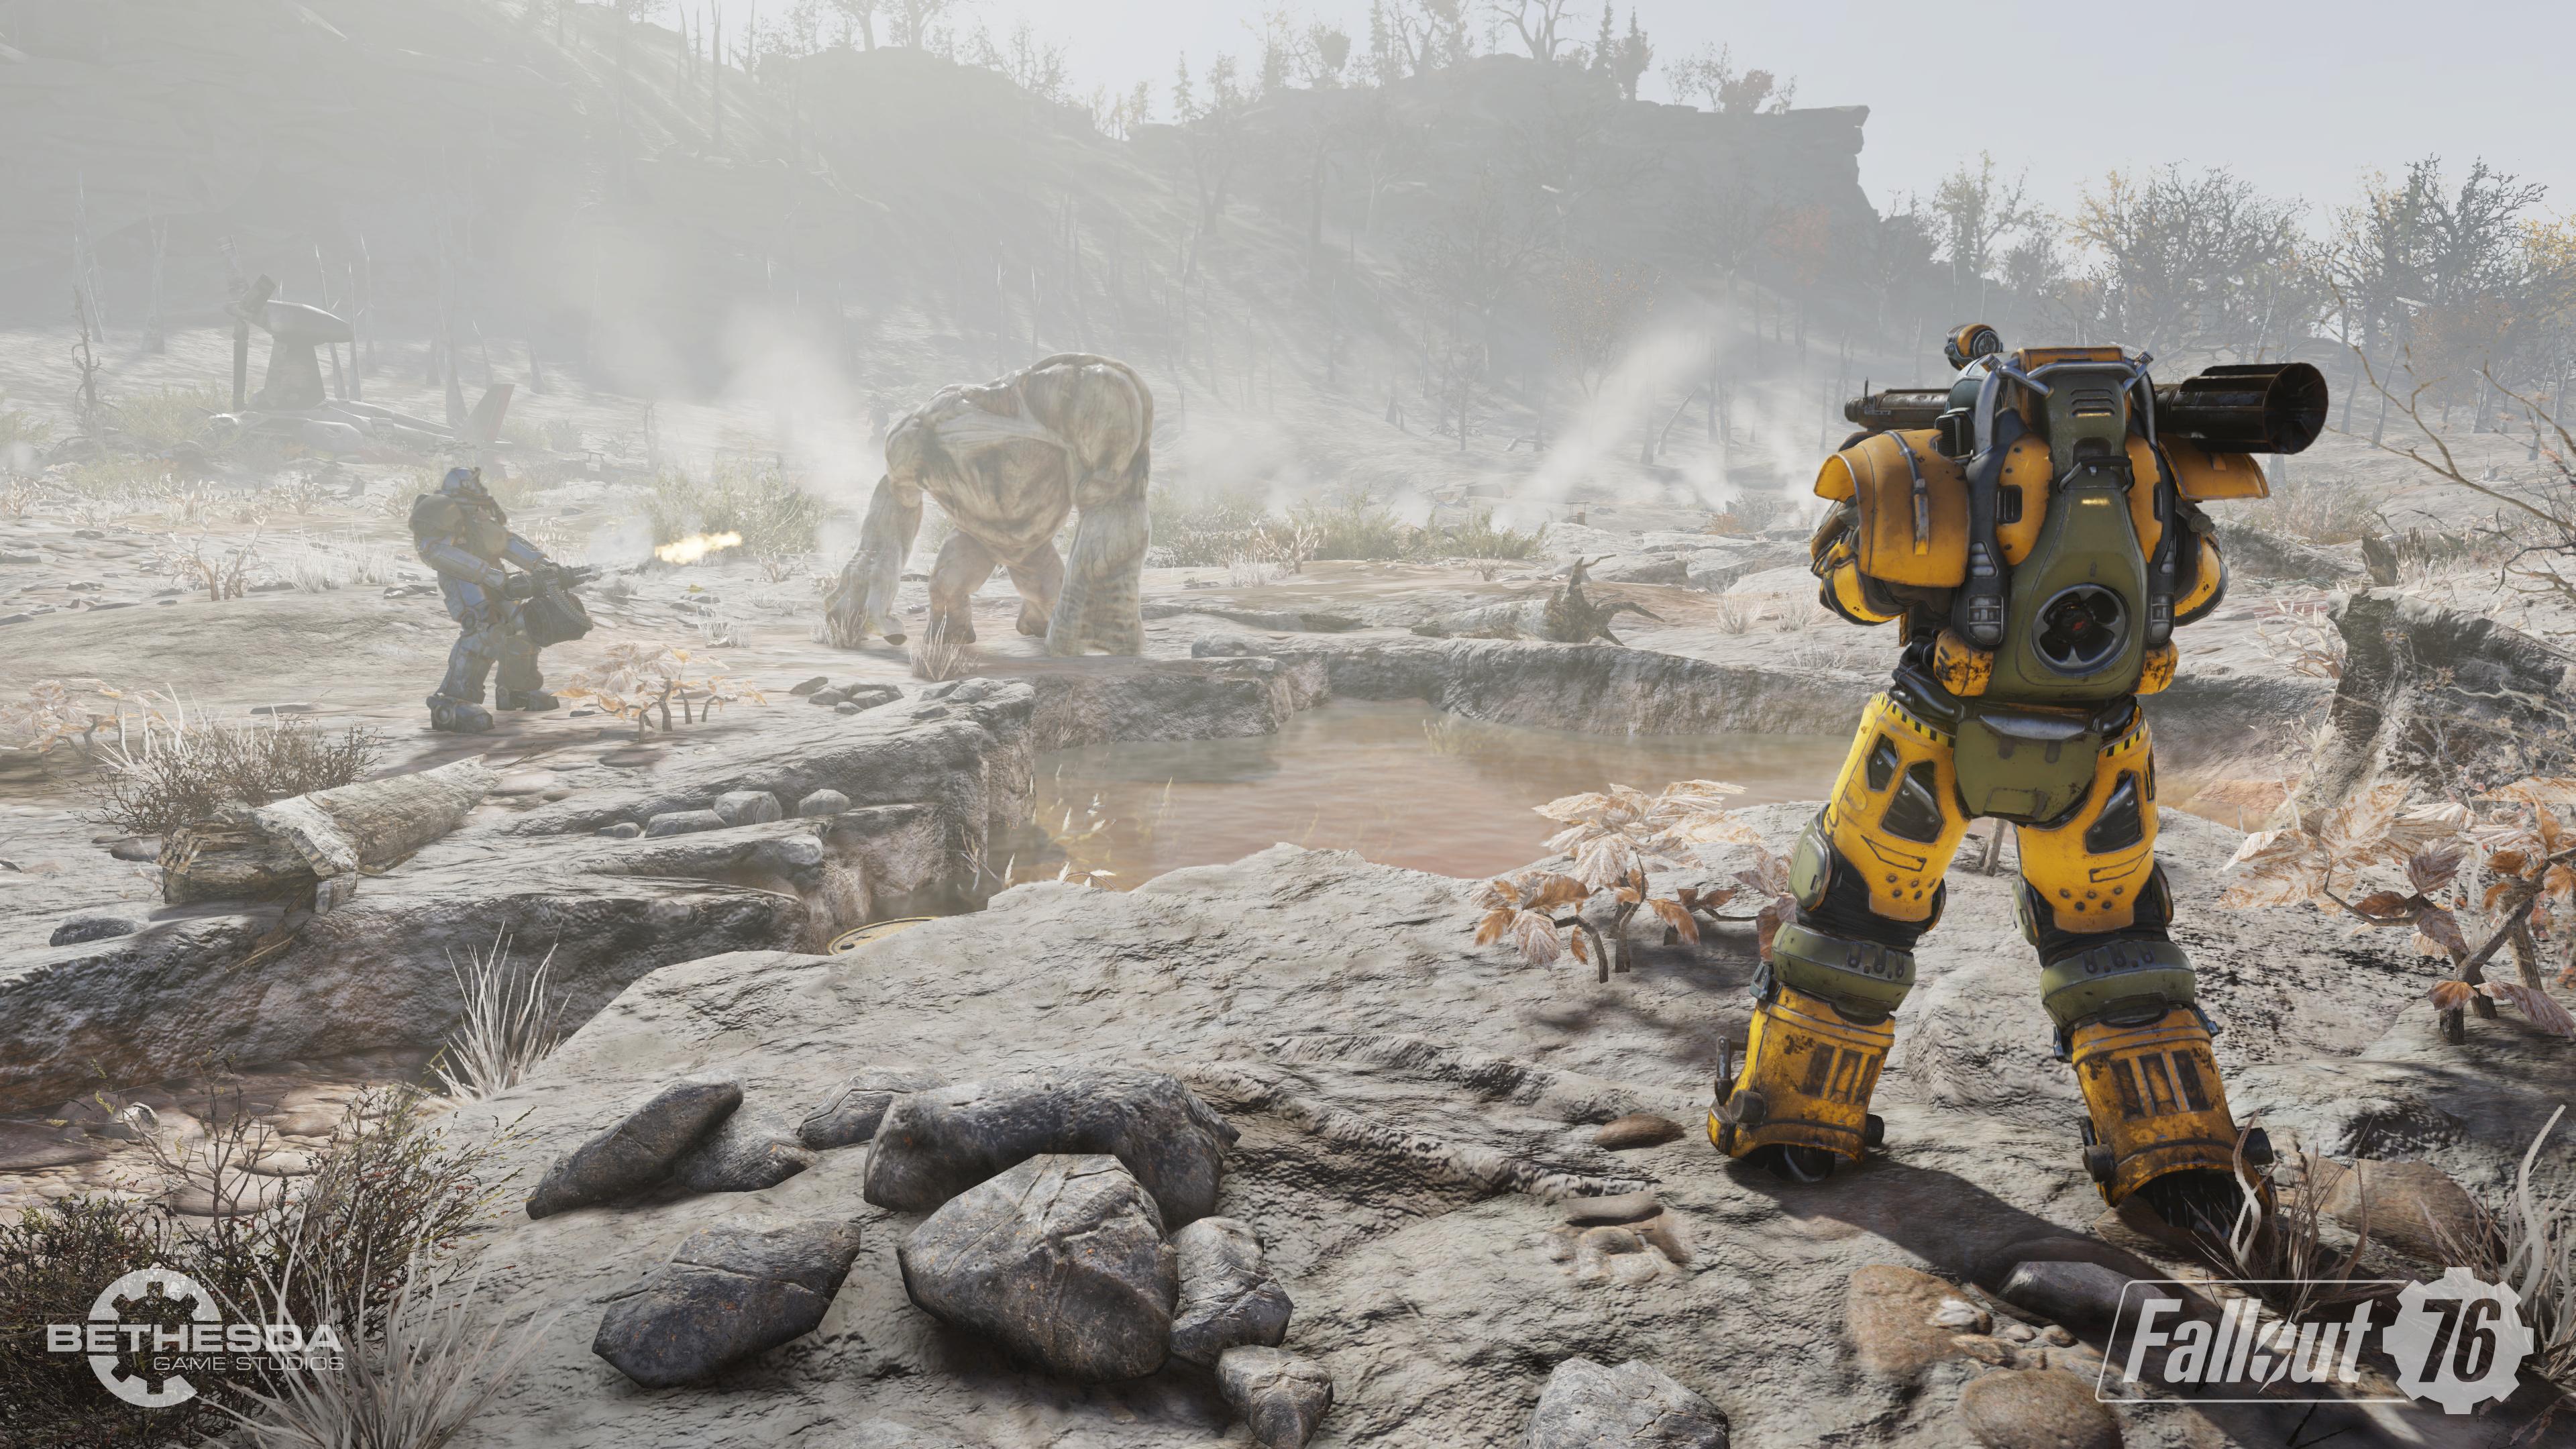 Fallout 76: serie compatibile con l'online? | Hardware Upgrade